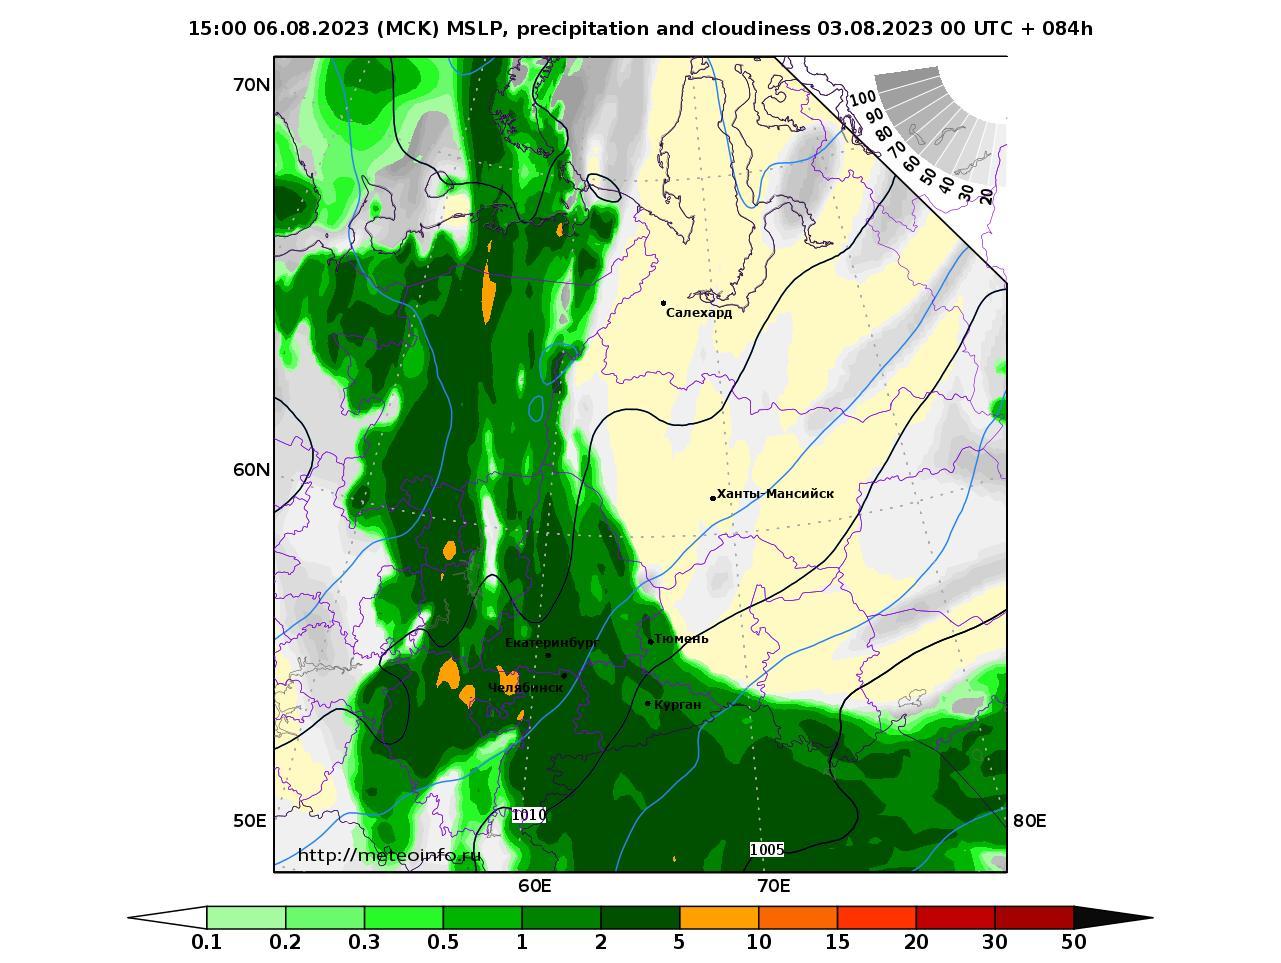 Уральский Федеральный округ, прогностическая карта осадки и давление, заблаговременность прогноза 84 часа